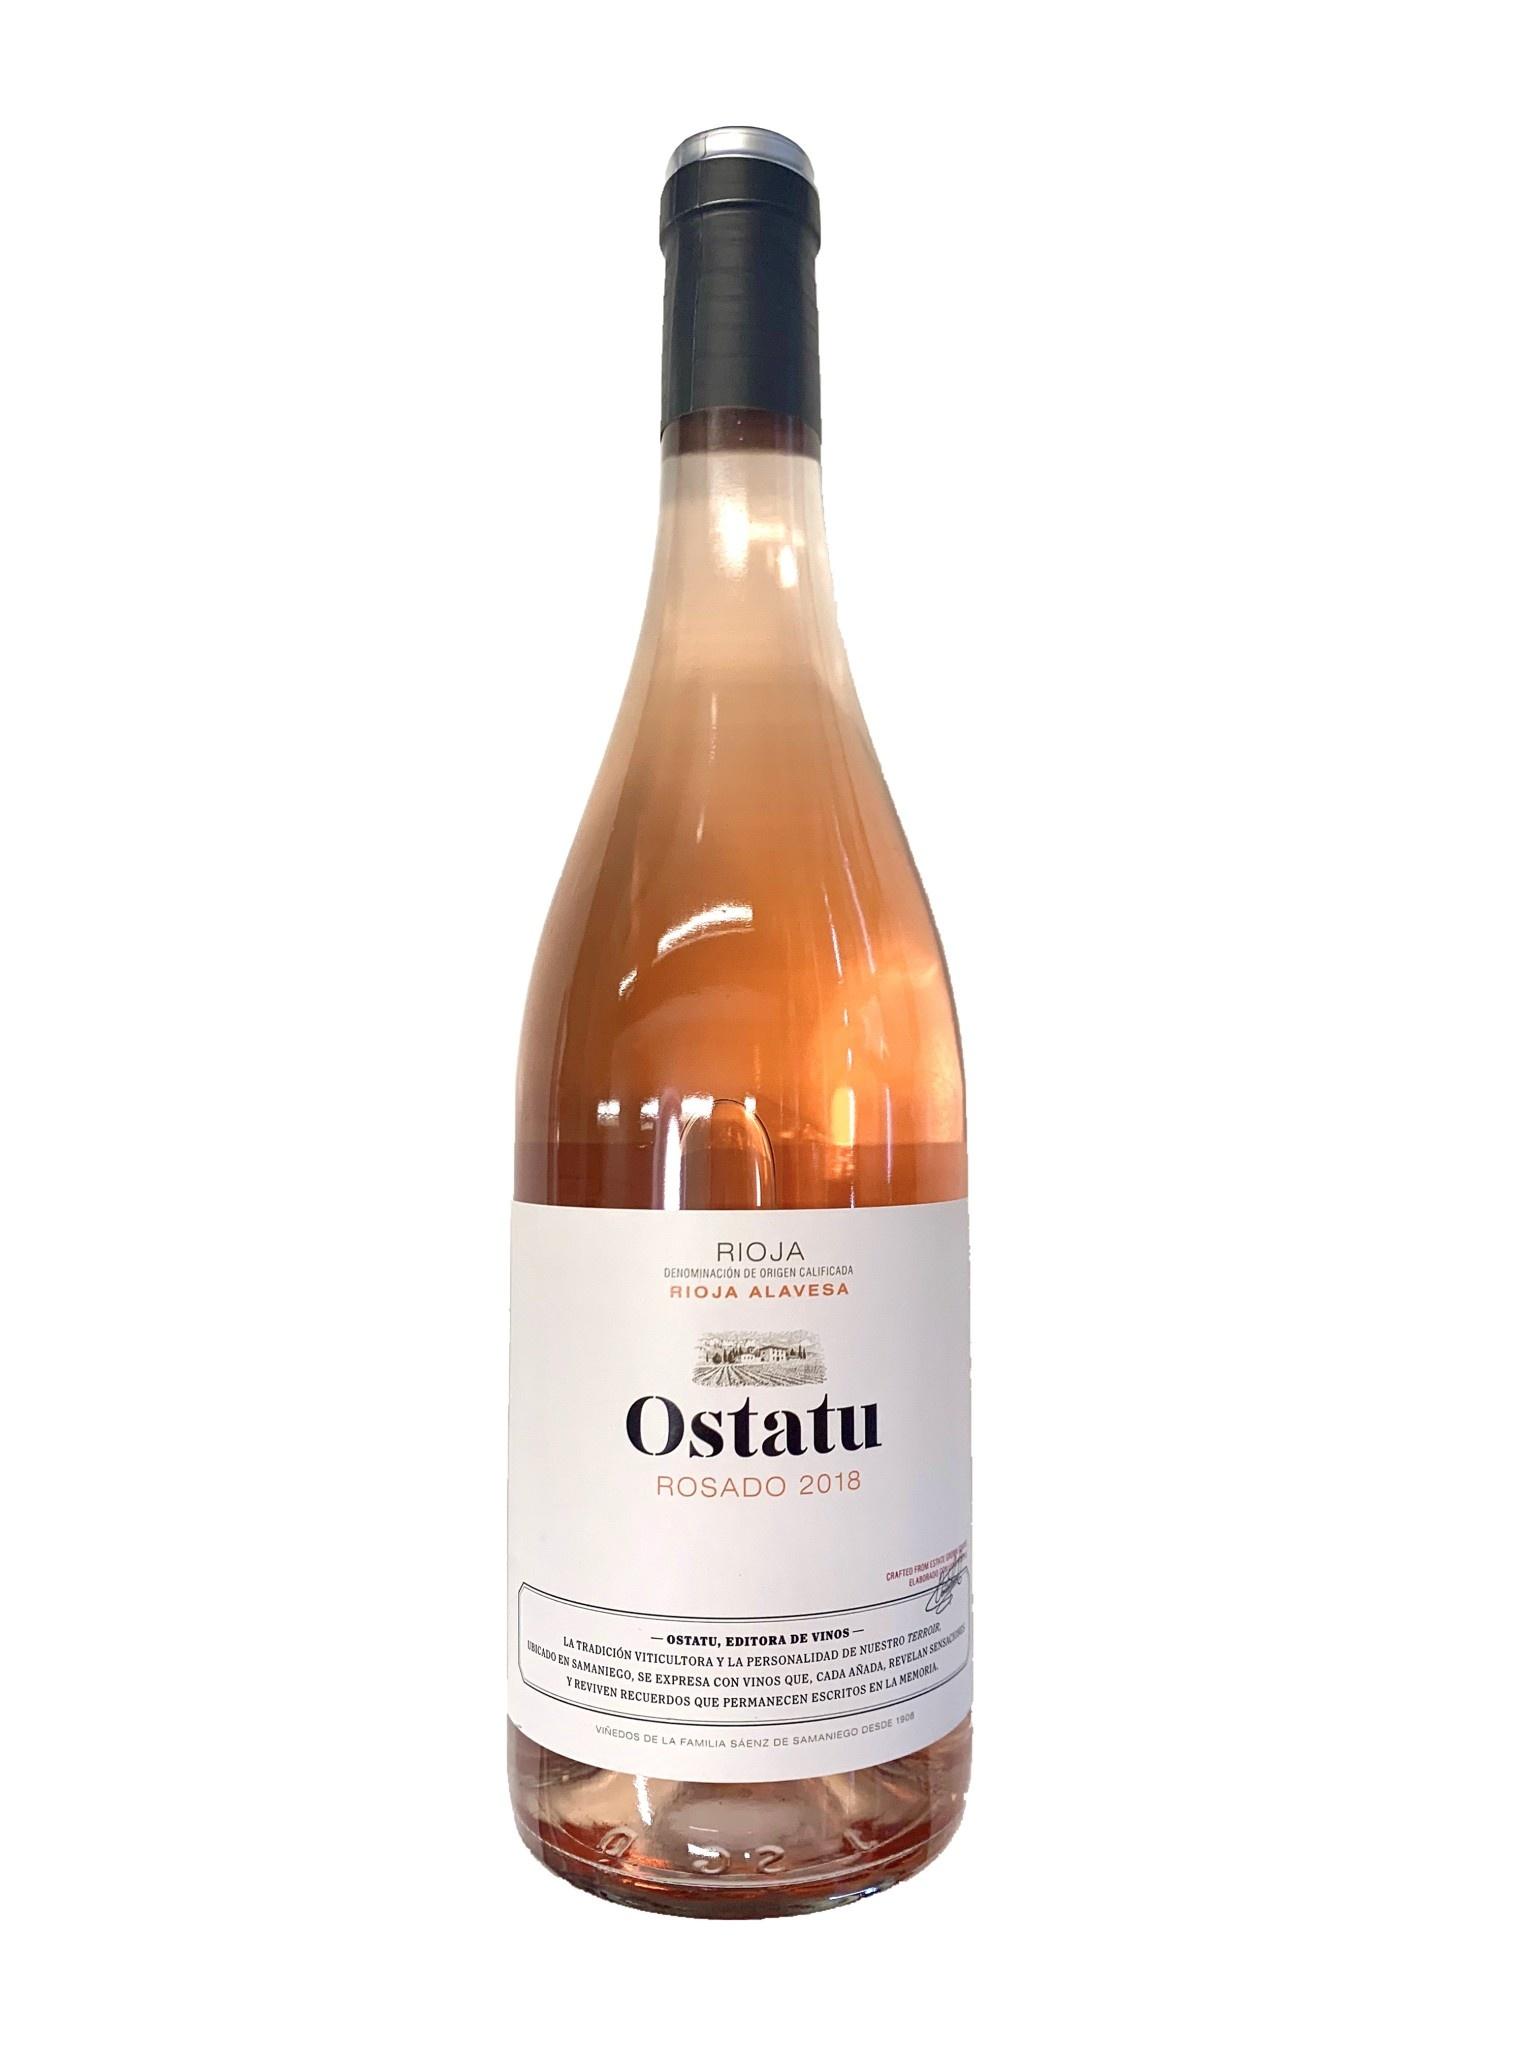 Spain Ostatu Rioja Rose 2018